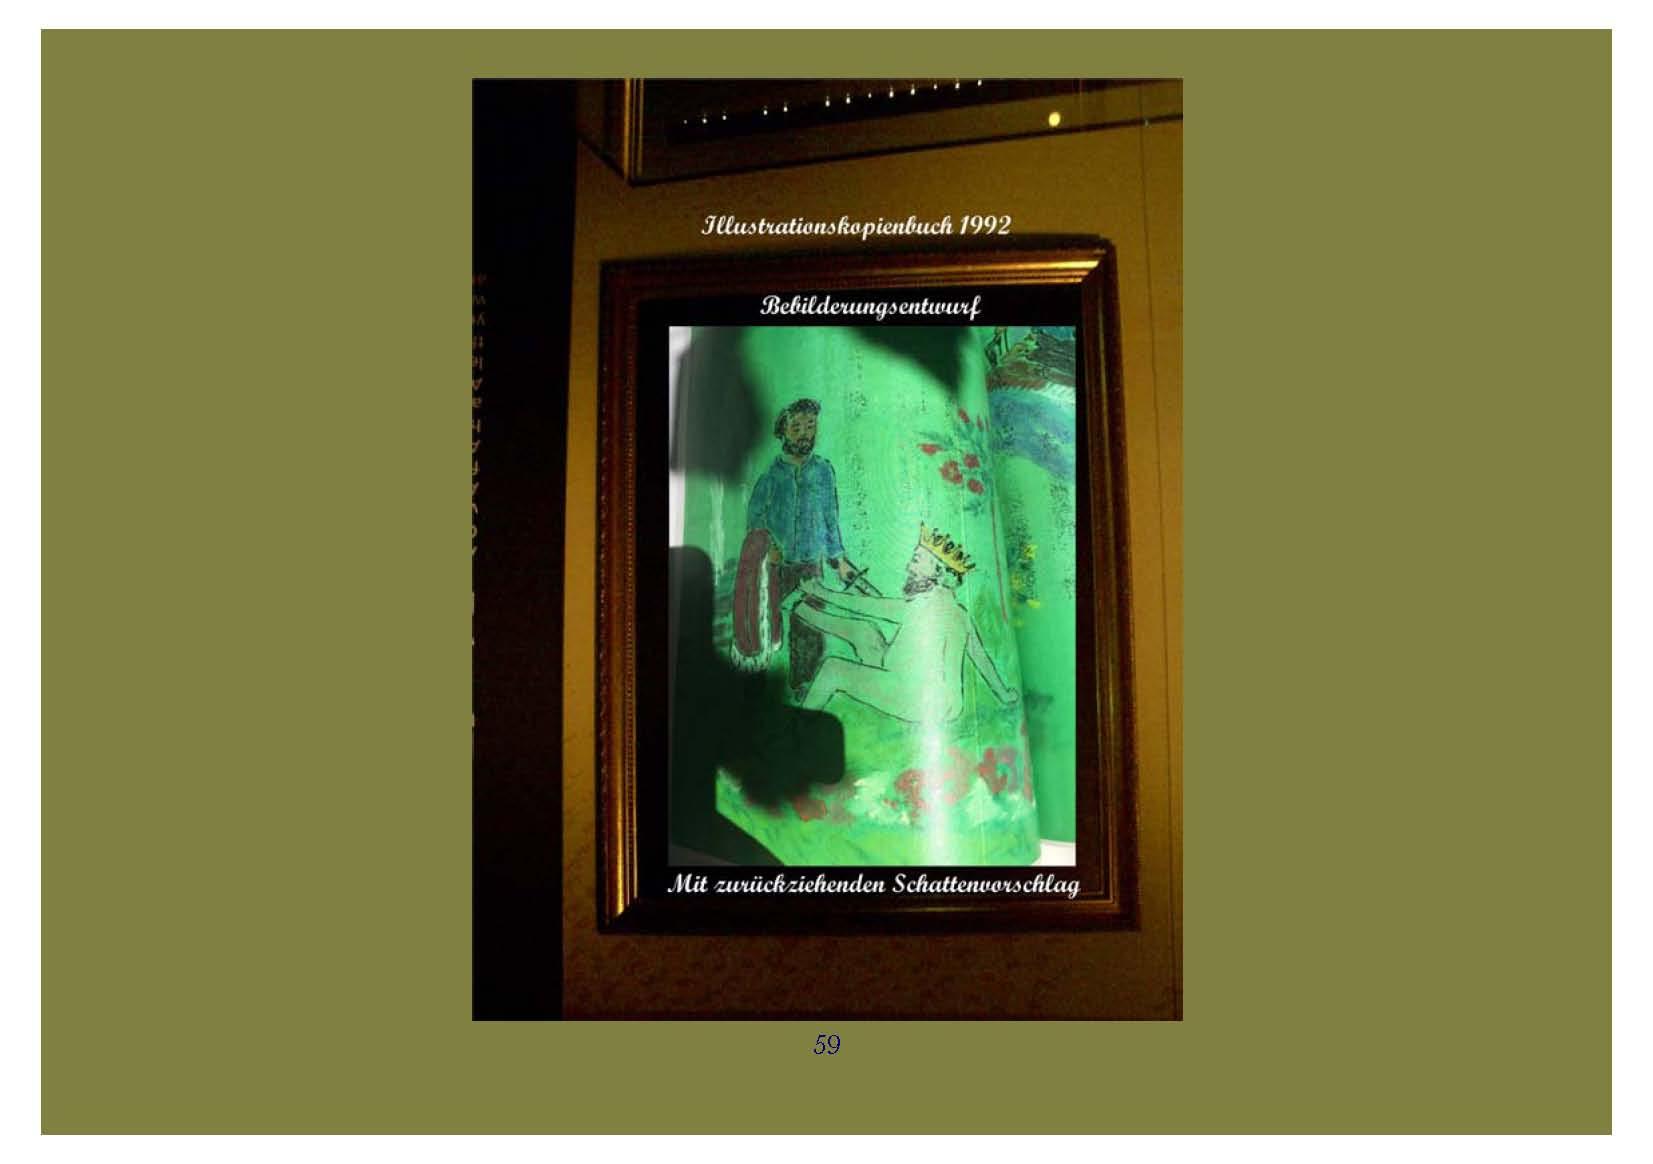 ™Gigabuch-Bibliothek/iAutobiographie Band 9/Bild 0564